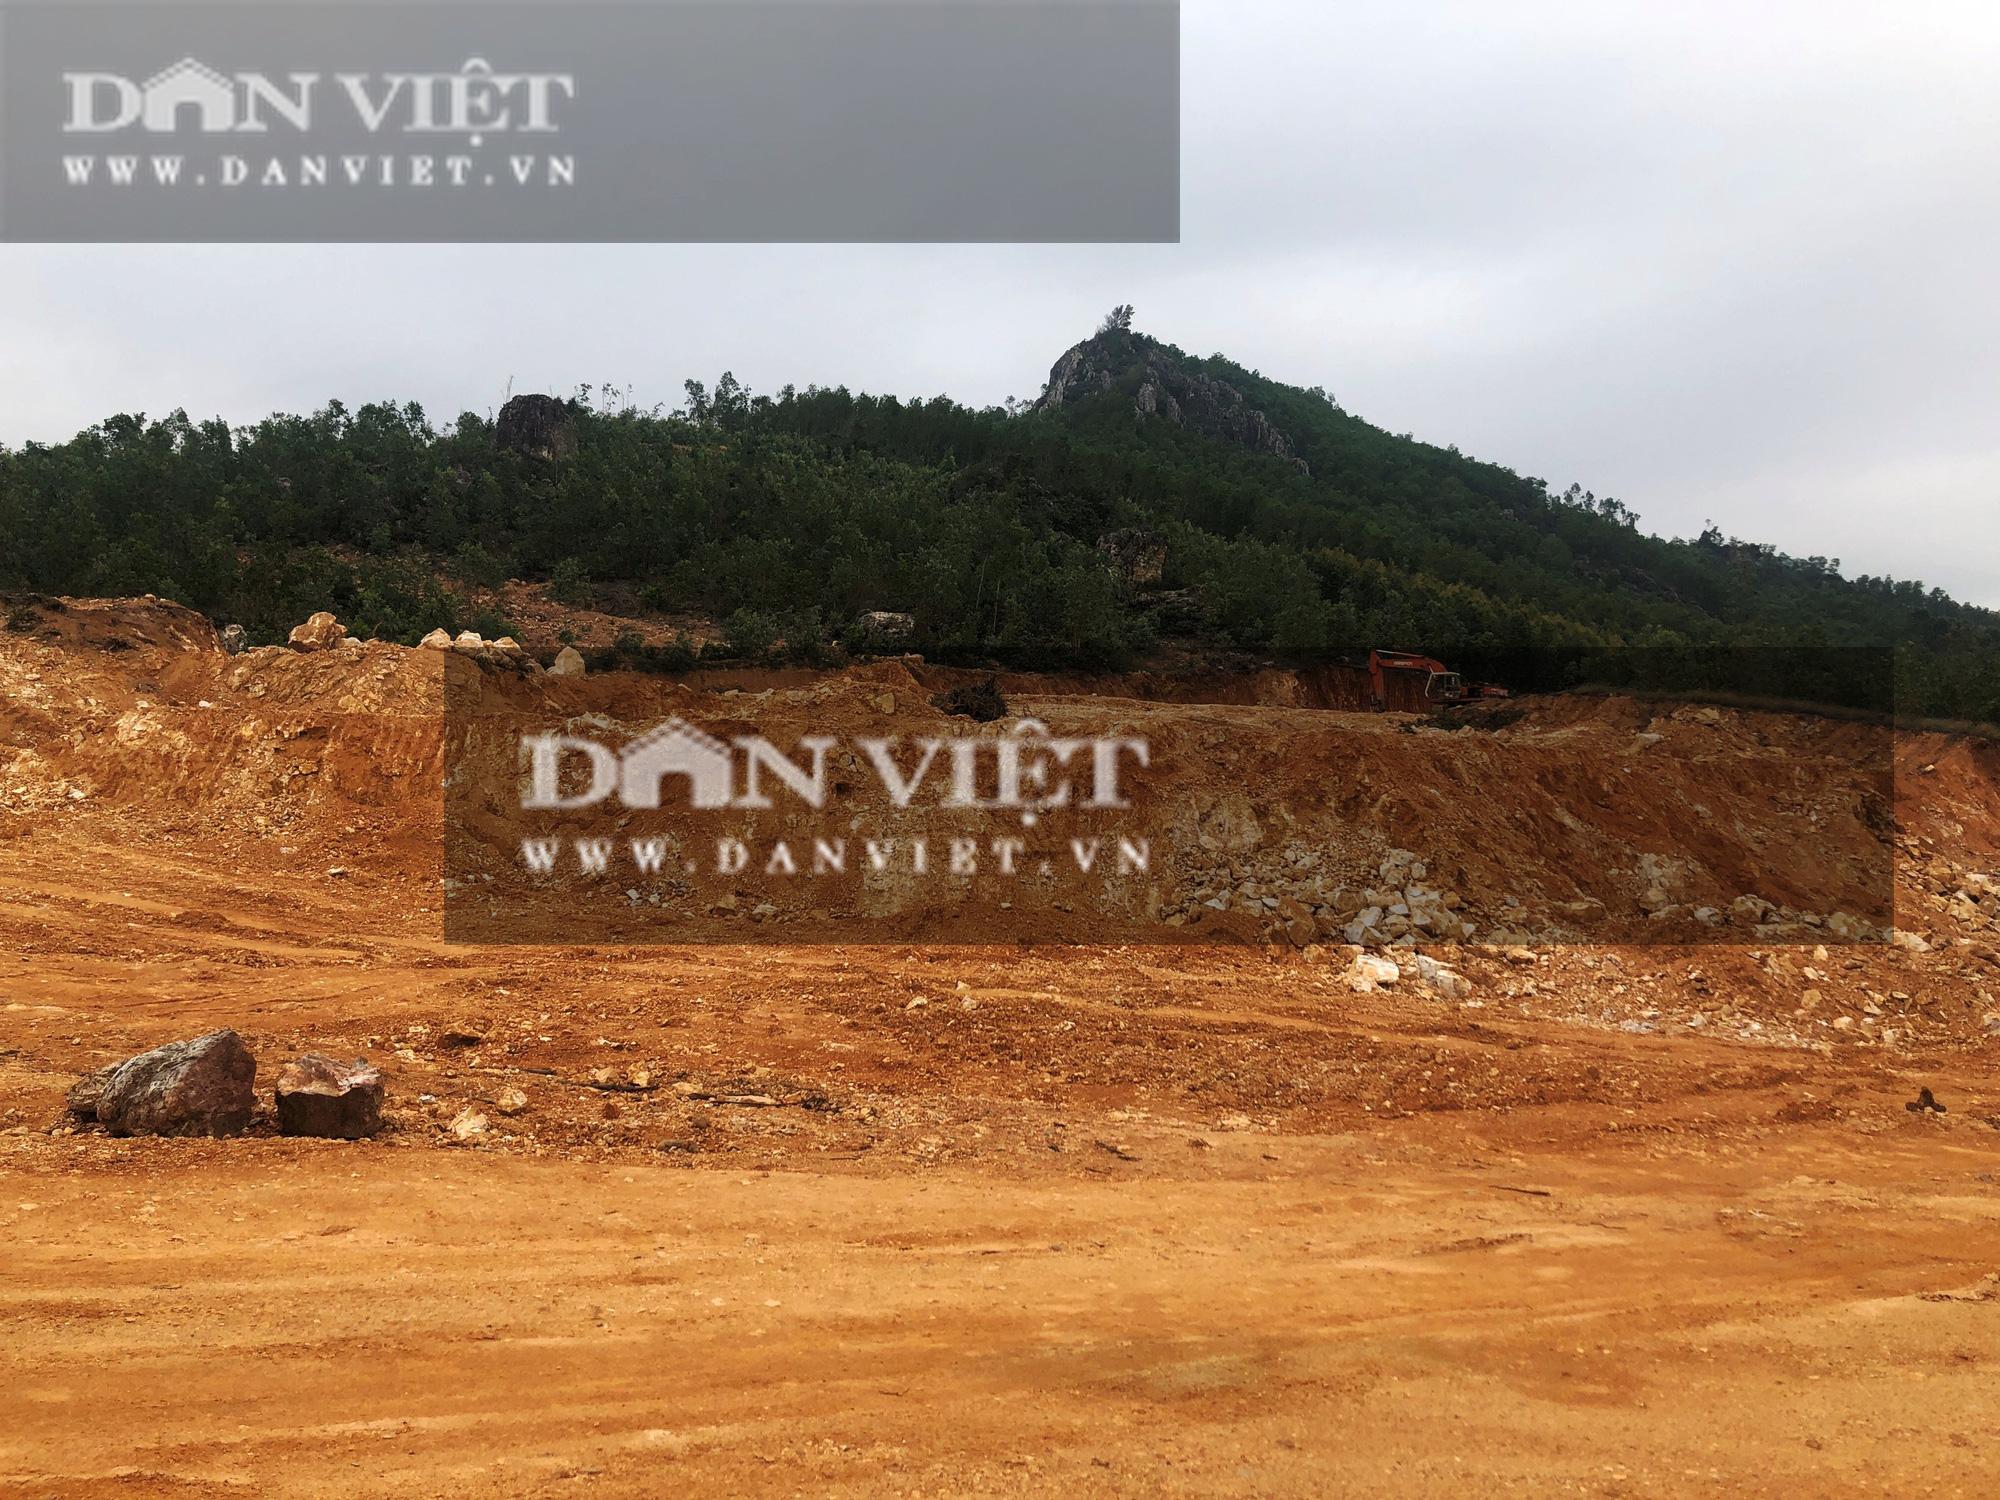 """Bất thường thi công công trình nhà nước chục tỷ ở Bình Định: Sẽ hợp thức hóa """"đất lậu""""… từ mỏ có giấy phép(?) - Ảnh 4."""